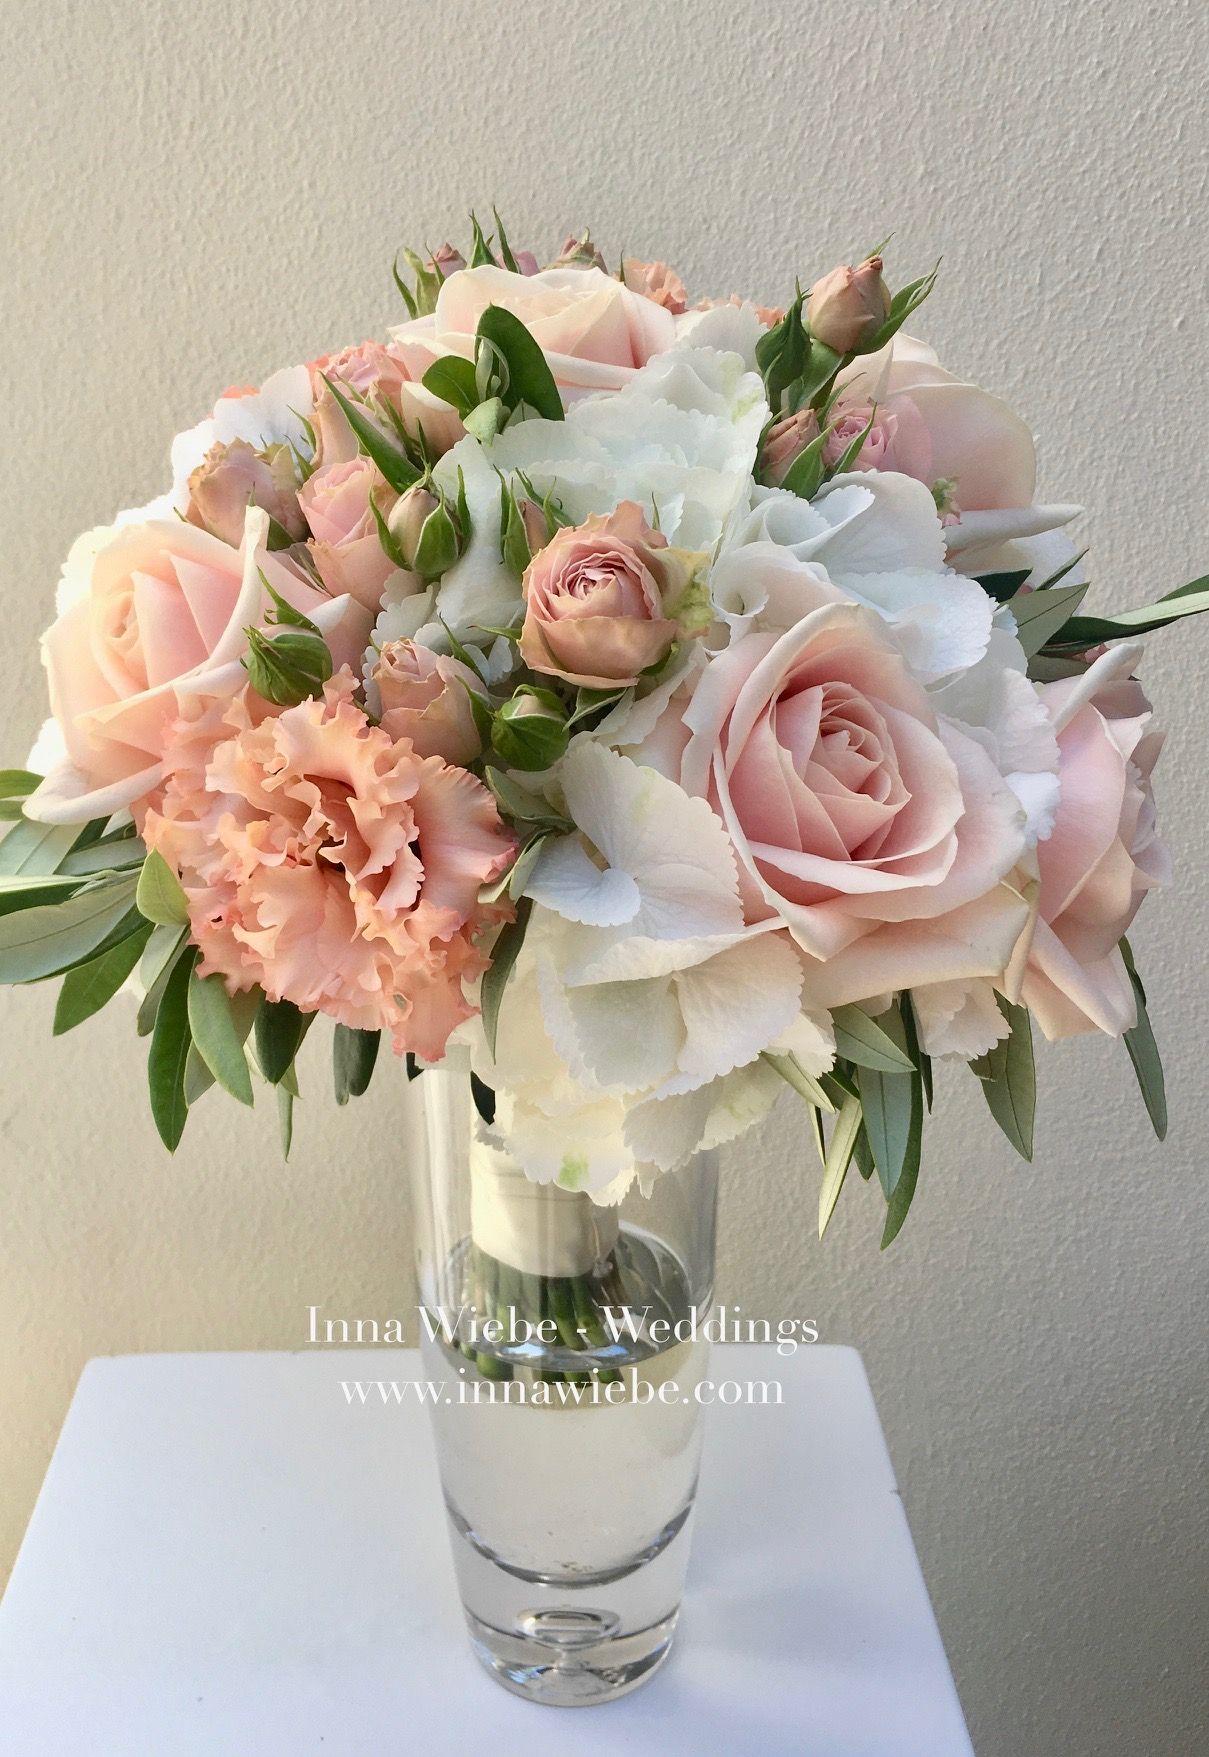 Luftiger Braustrauss Veredelte Mit Olive Und Leichten Farben Brautstrauss Bridalbouquet Bride Flowers Blumenstrauss W Wedding Flowers Wedding Wedding Styles